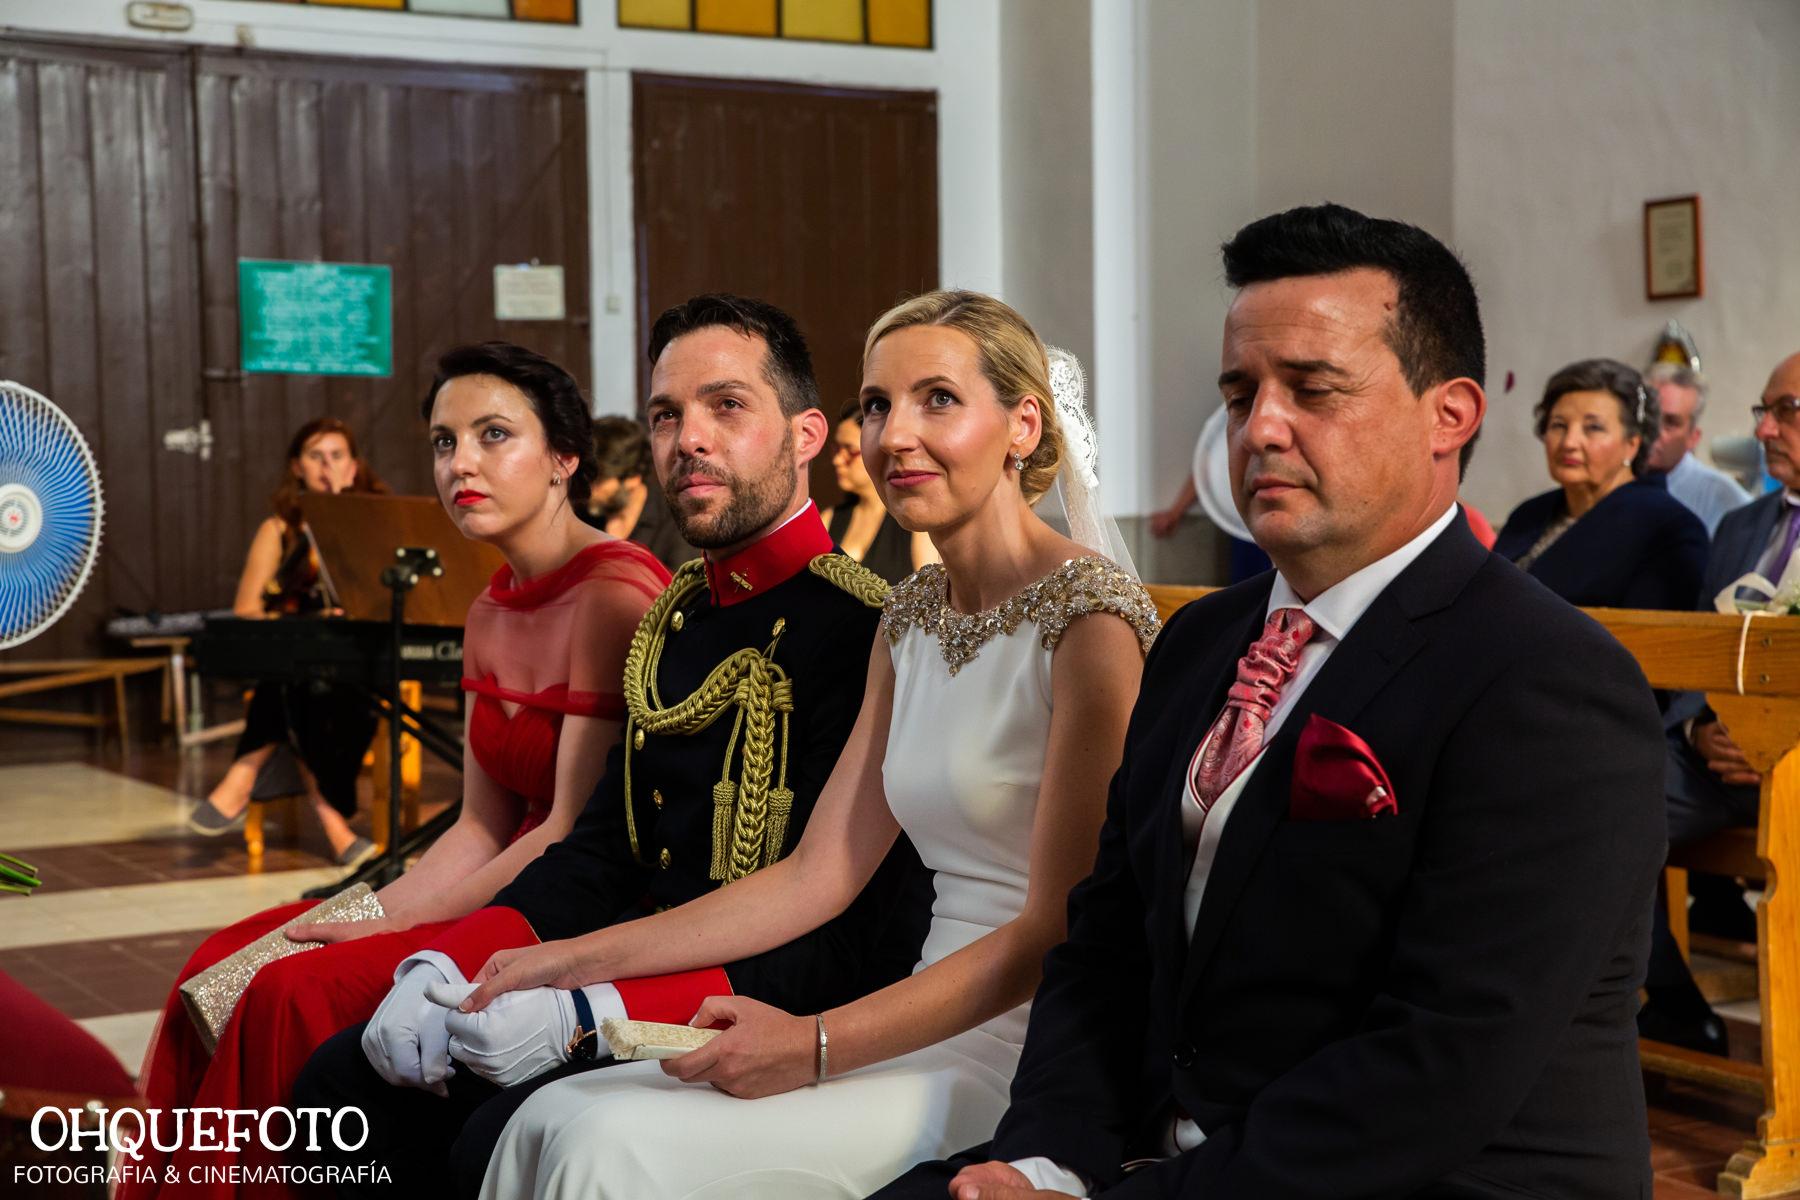 boda en la peraleda boda en cabeza del buey boda en capilla reportaje de bodas en almaden video de bodas en cordoba453 - Jose y Gema - Boda en Zarza Capilla y la Finca La Peraleda (Chillón)